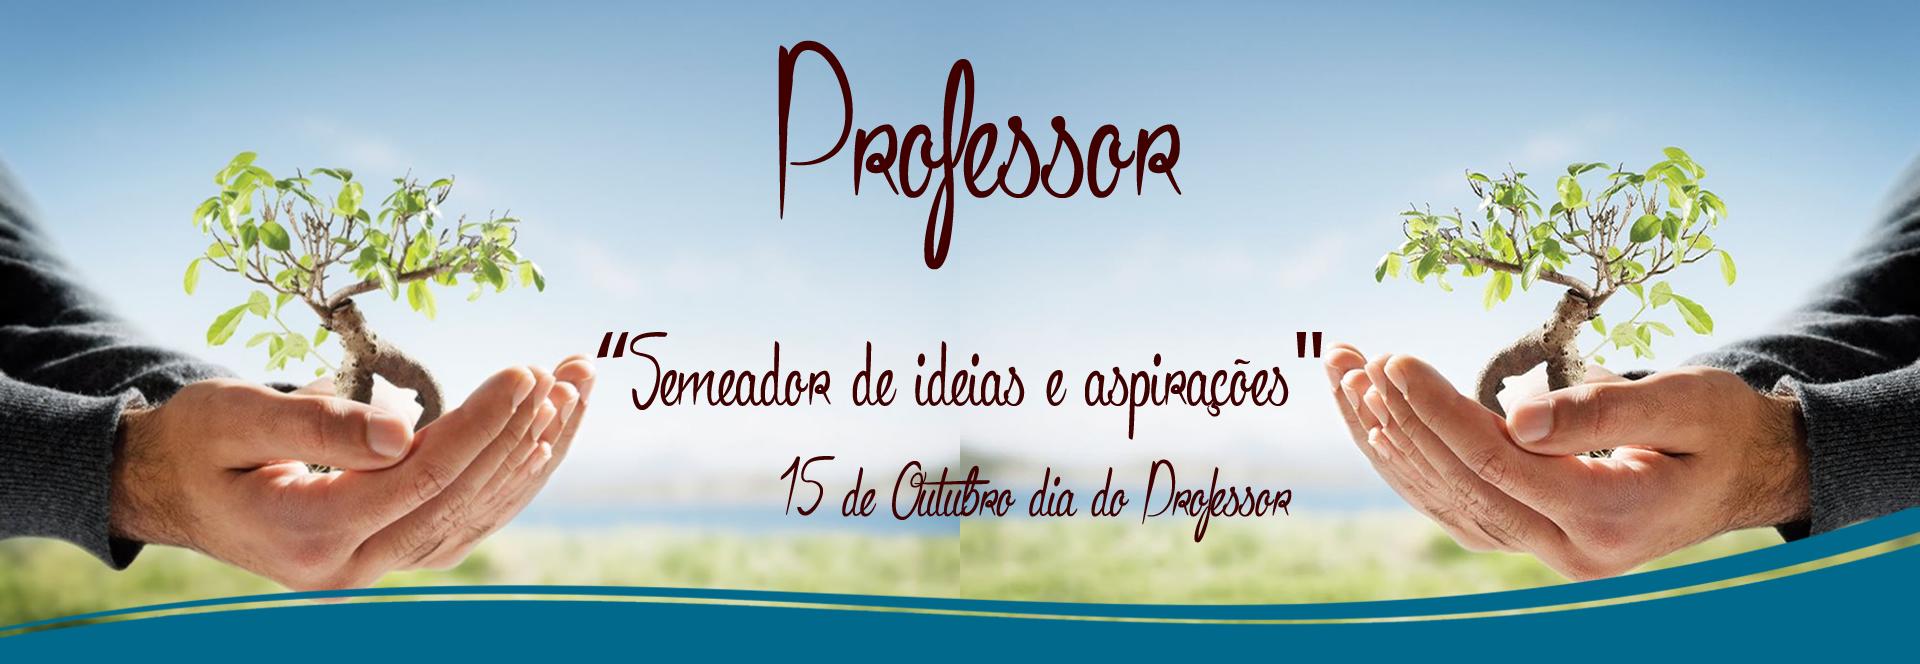 Banner Homenagem dia dos Professores